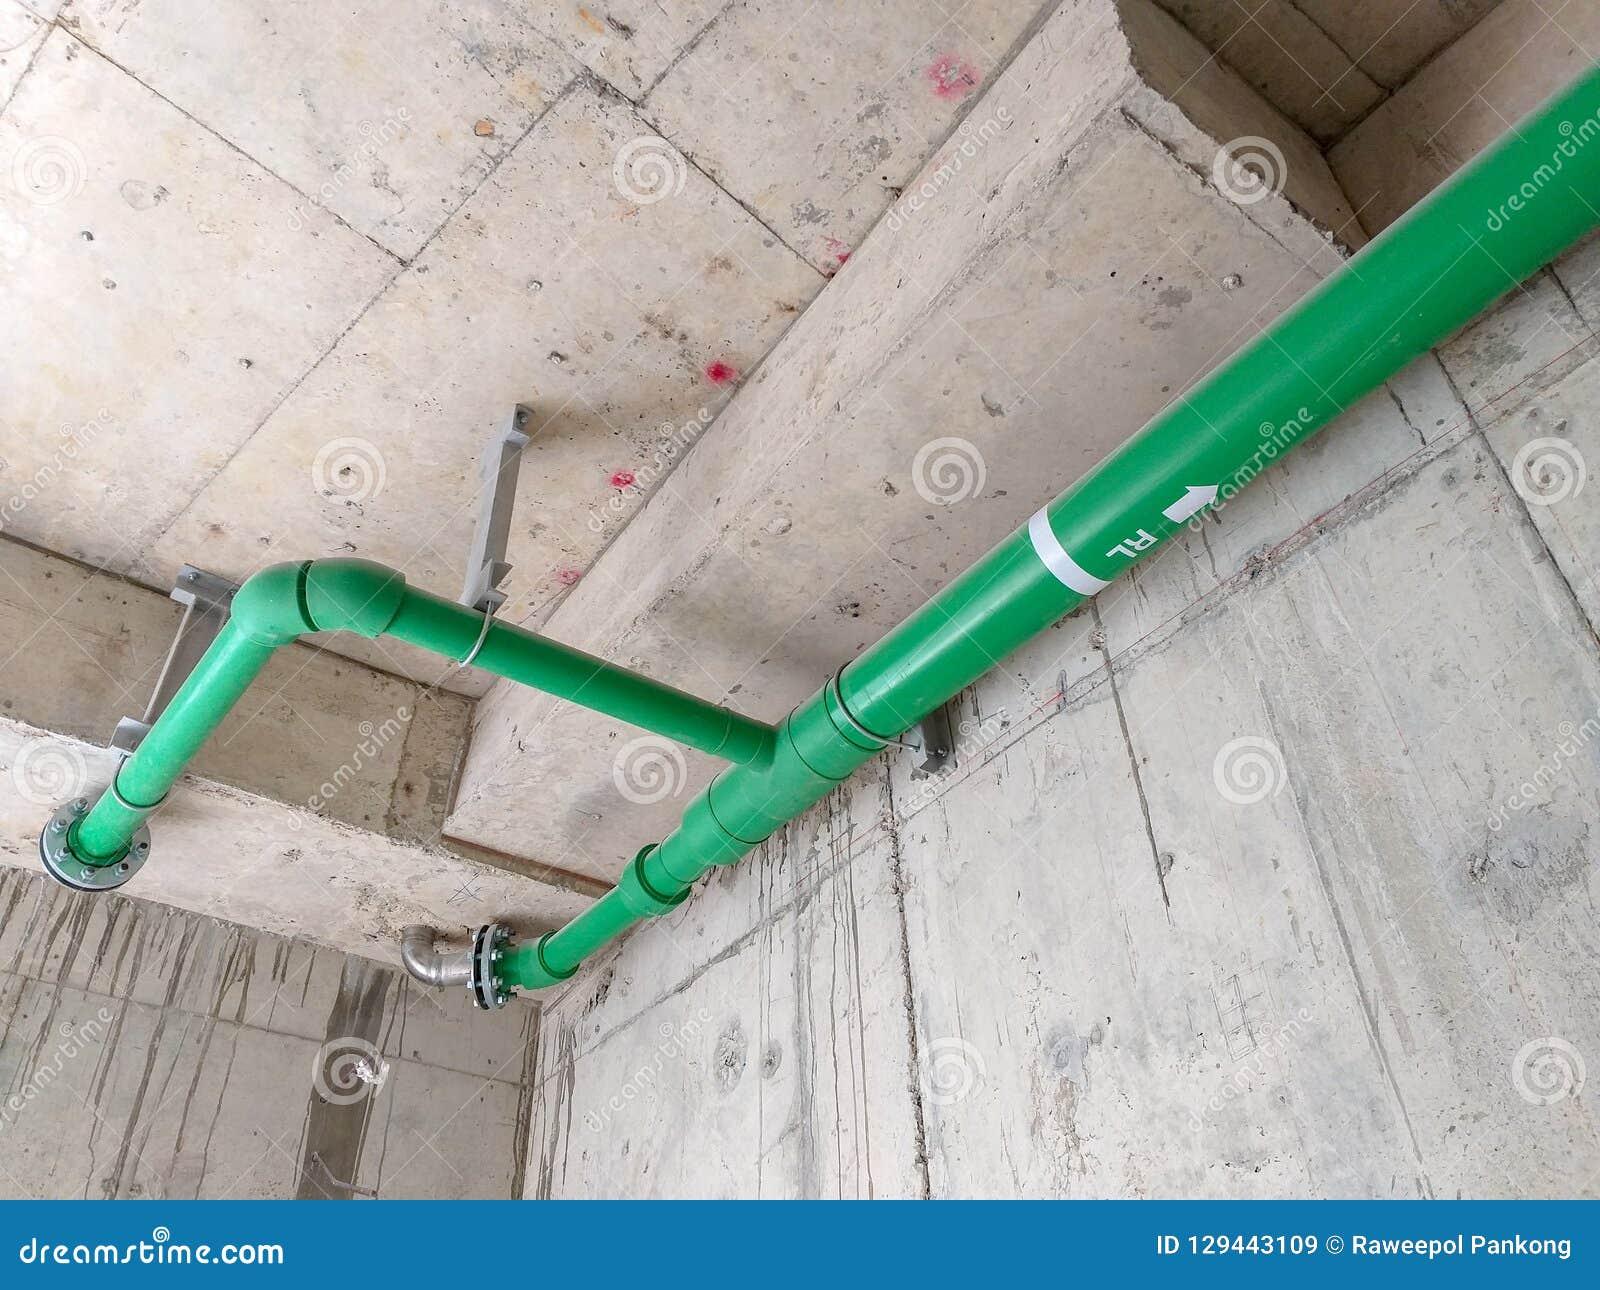 Installeer drainagepijpen binnen gebouwen